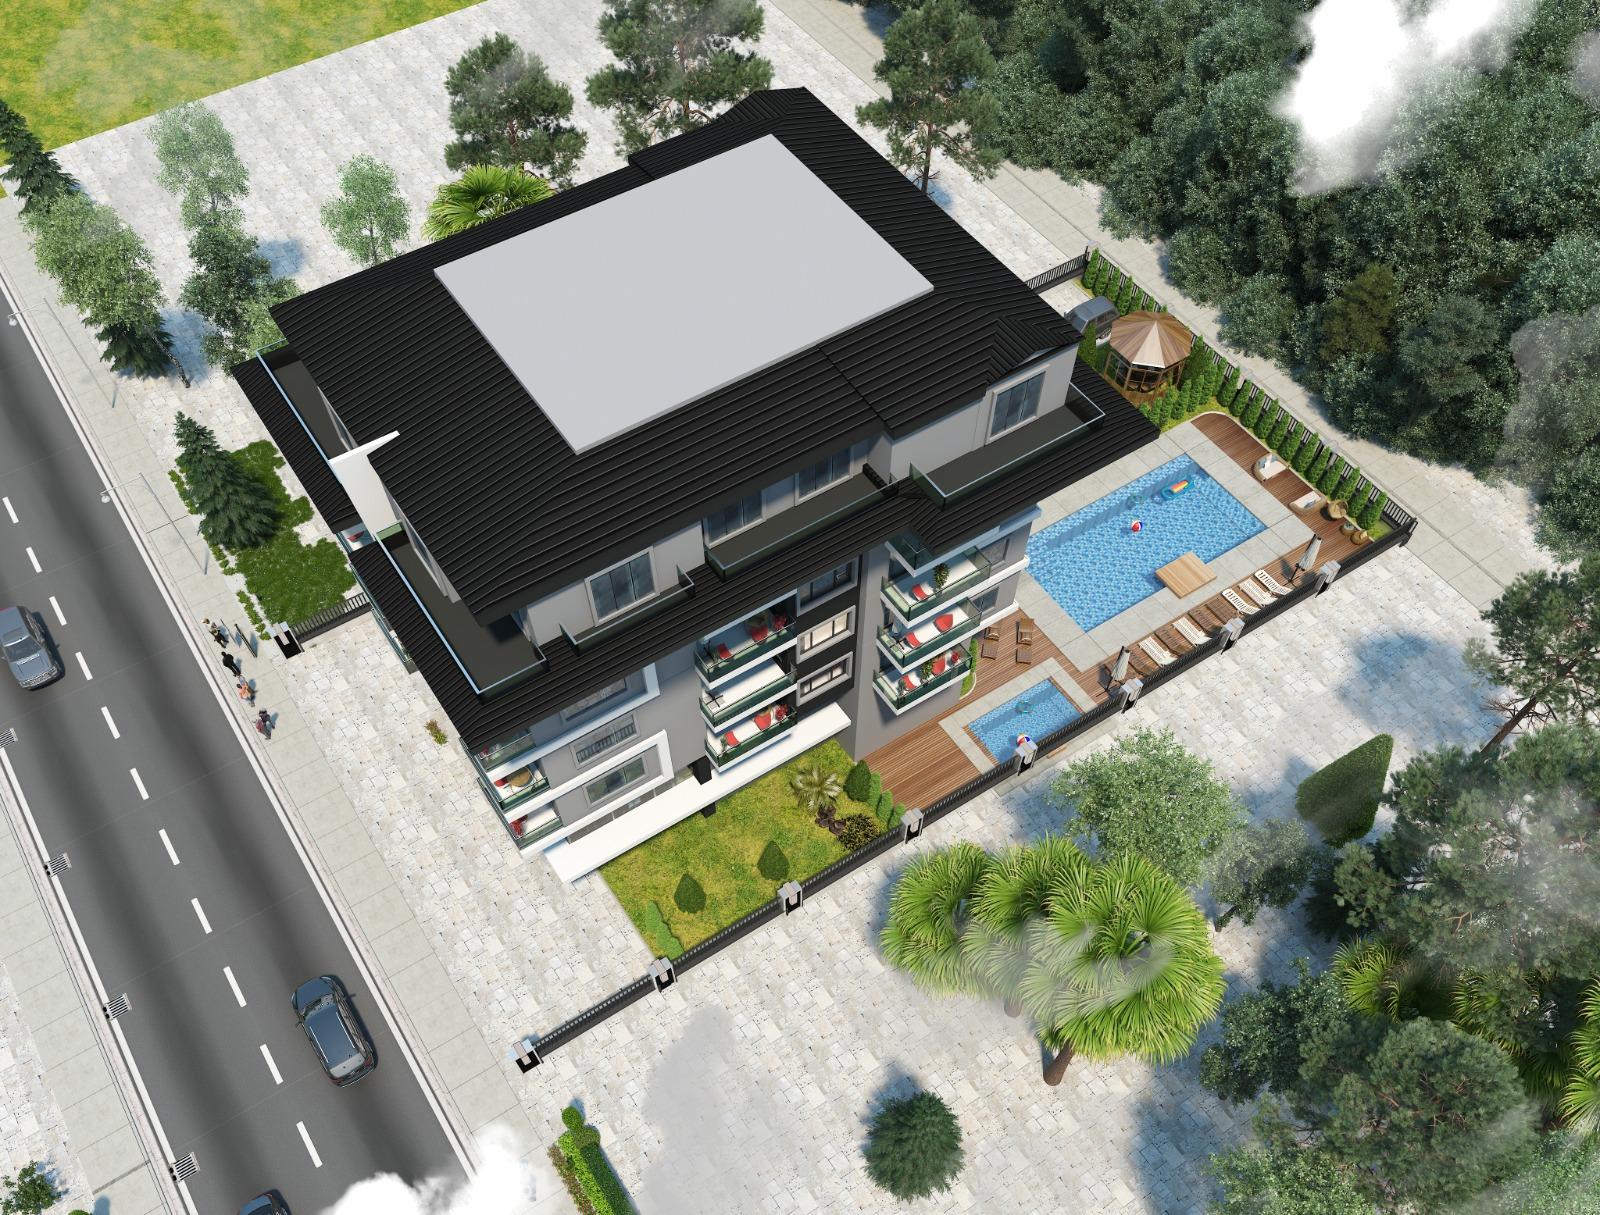 Комфортабельные квартиры в жилом комплексе на этапе строительства - Фото 5